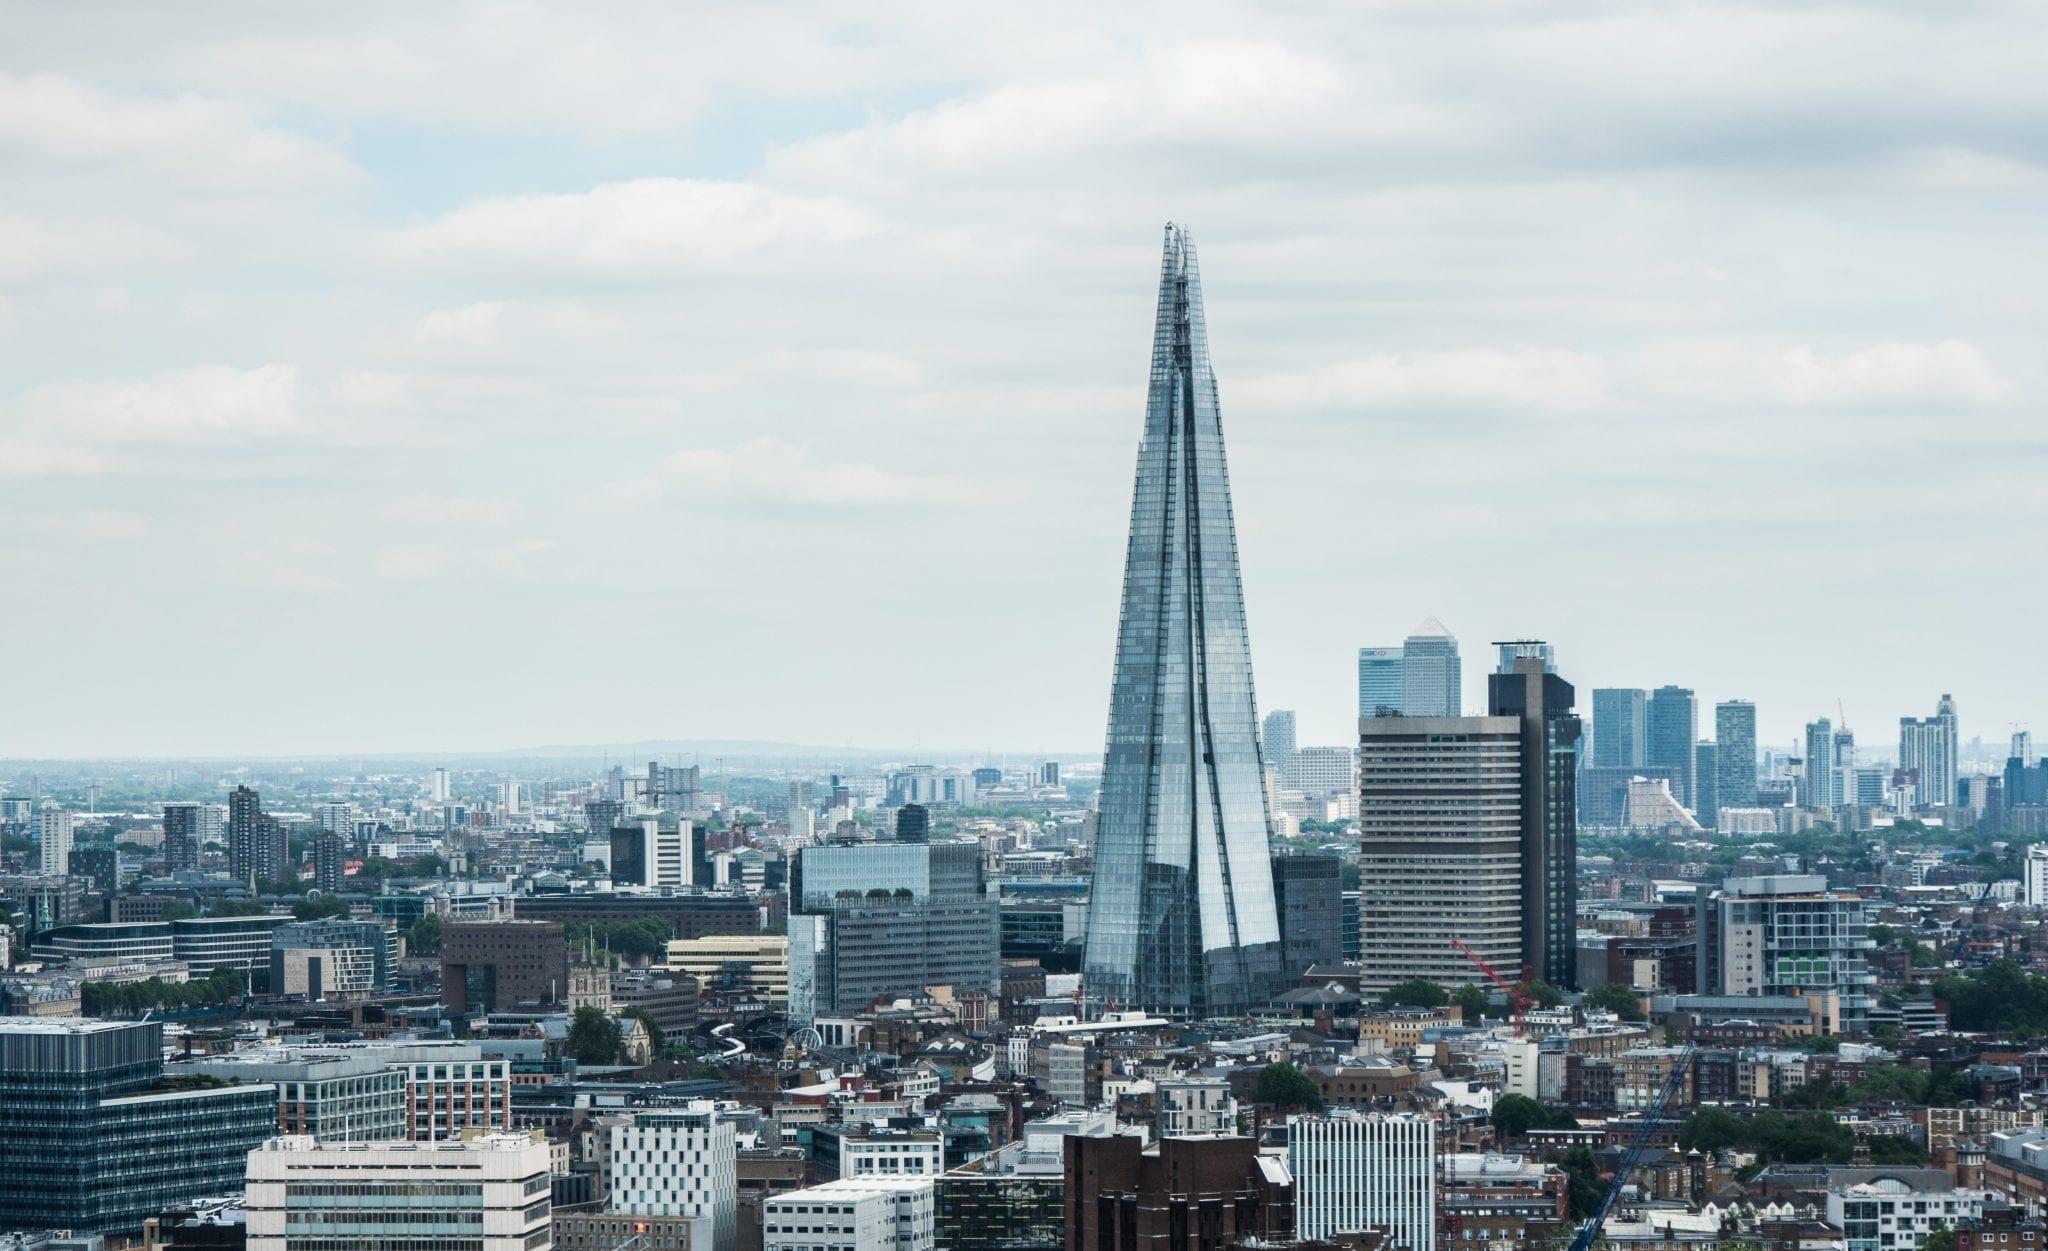 London, United Kingdom; photo by Jamie Street on Unsplash.